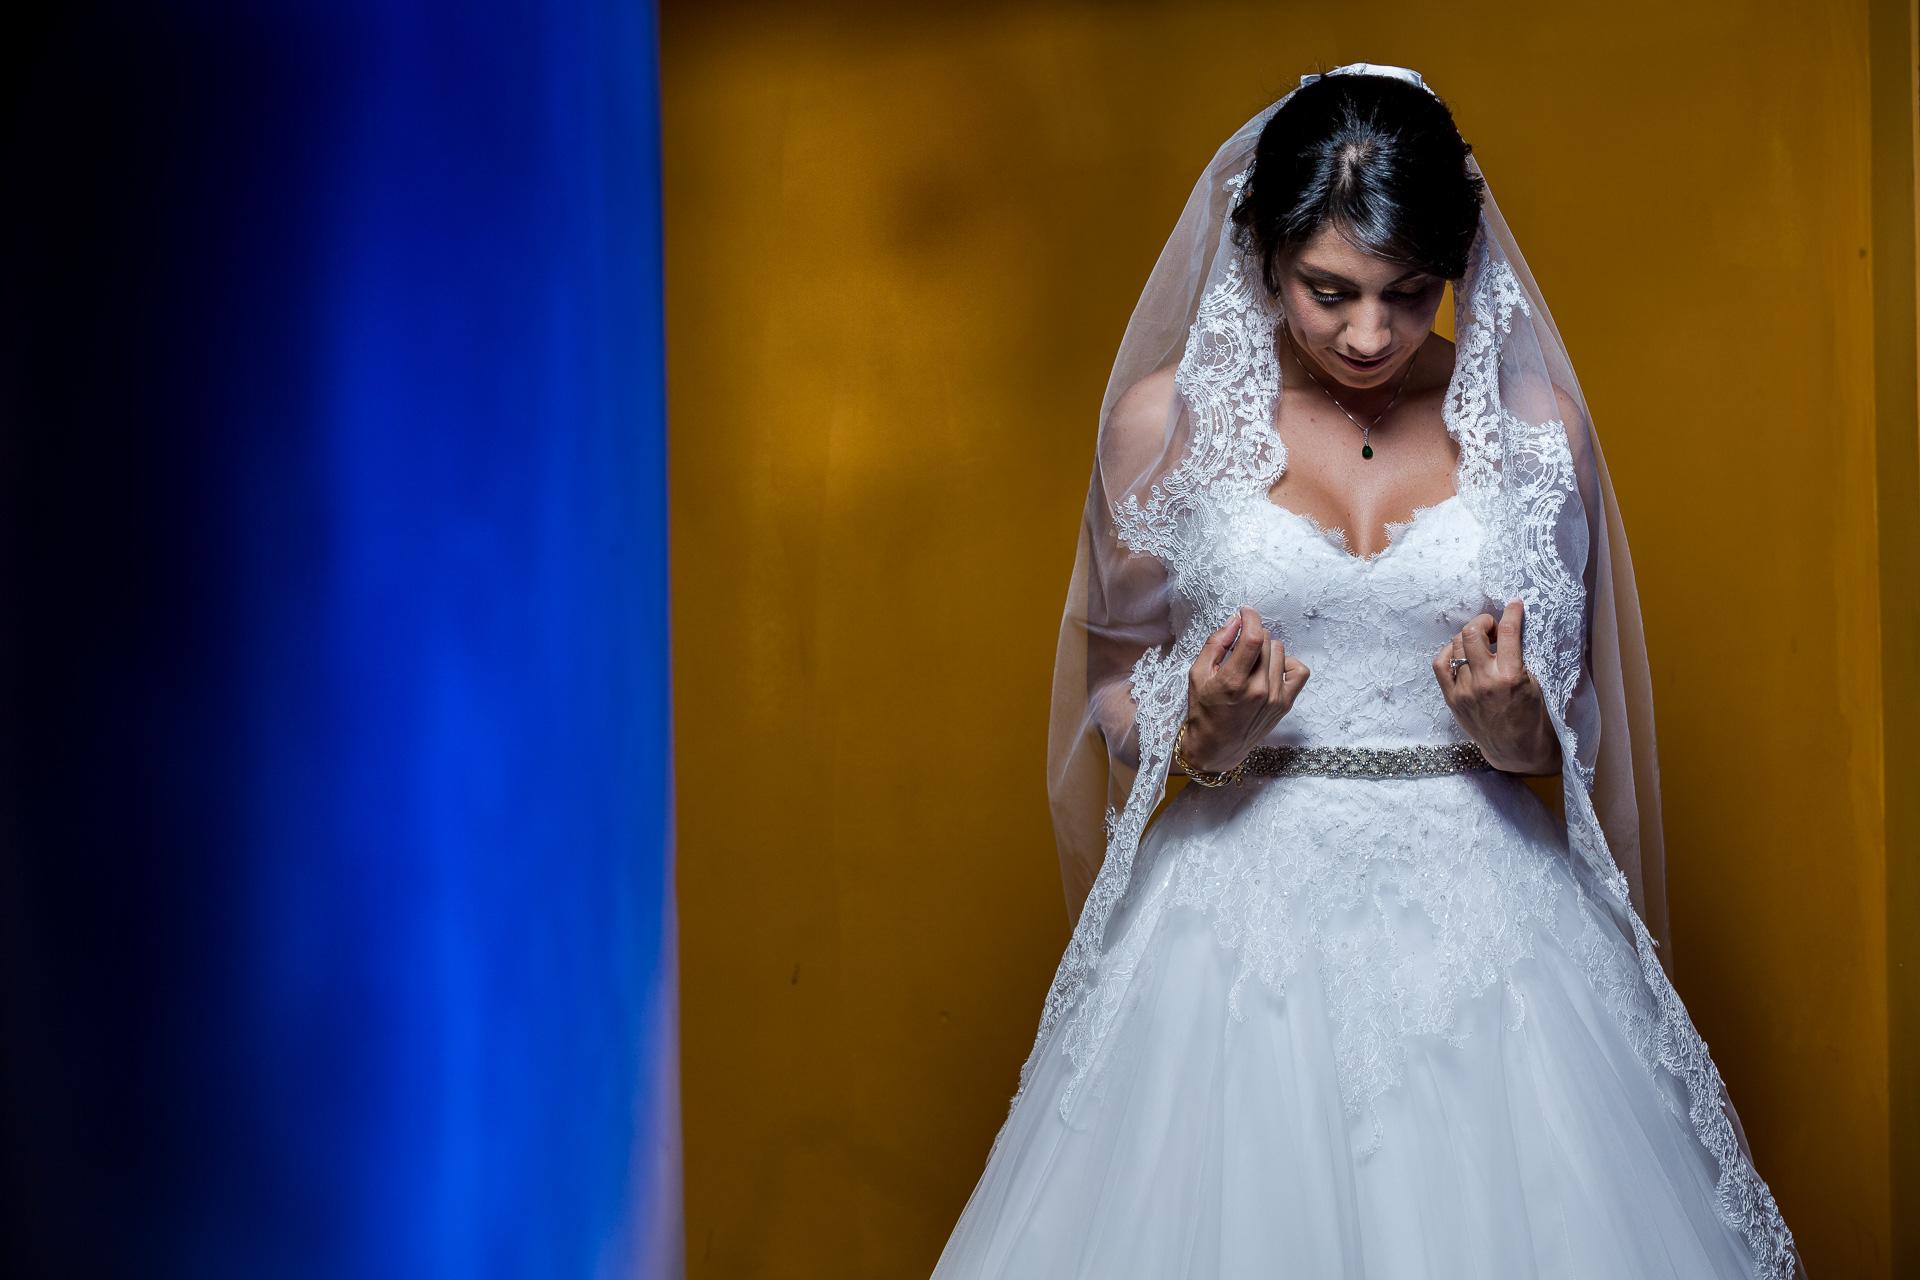 Fotógrafos-de-bodas-en-Colombia-Angela-y-Antonio-24 ANGELA Y ANTONIO